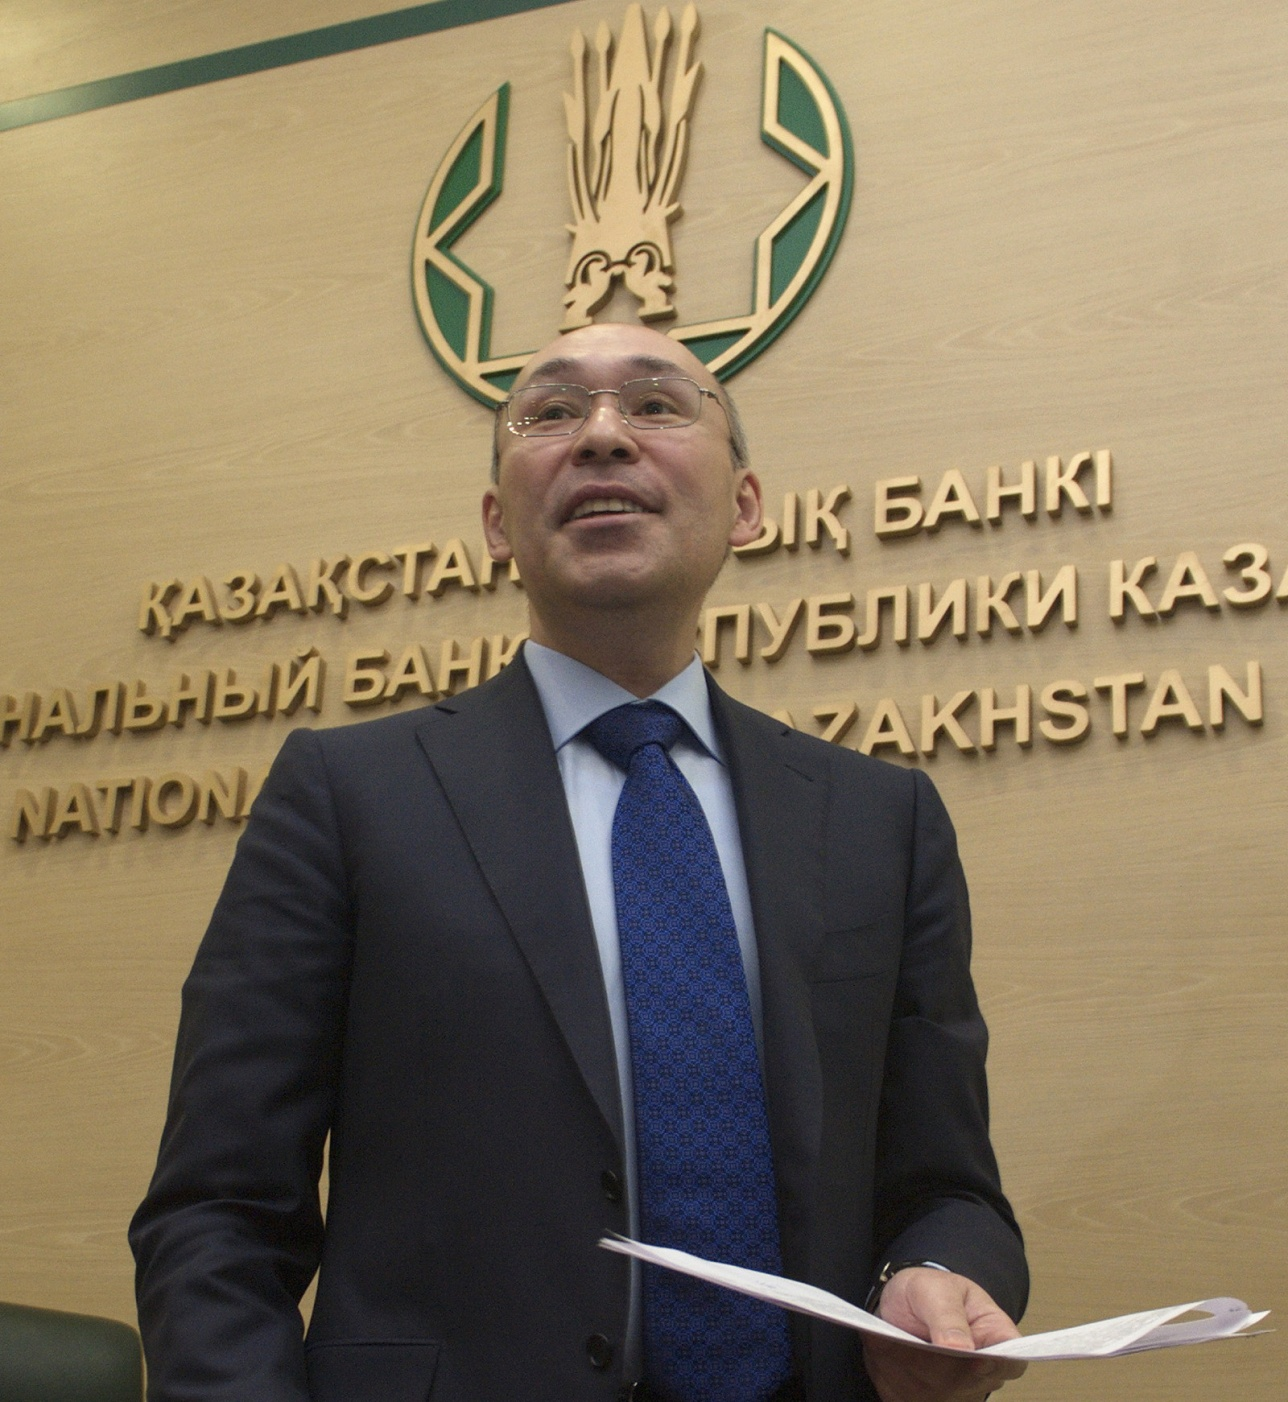 Член совета директоров ЕНПФ Кайрат Келимбетов возглавлял Нацбанк в 2014 году